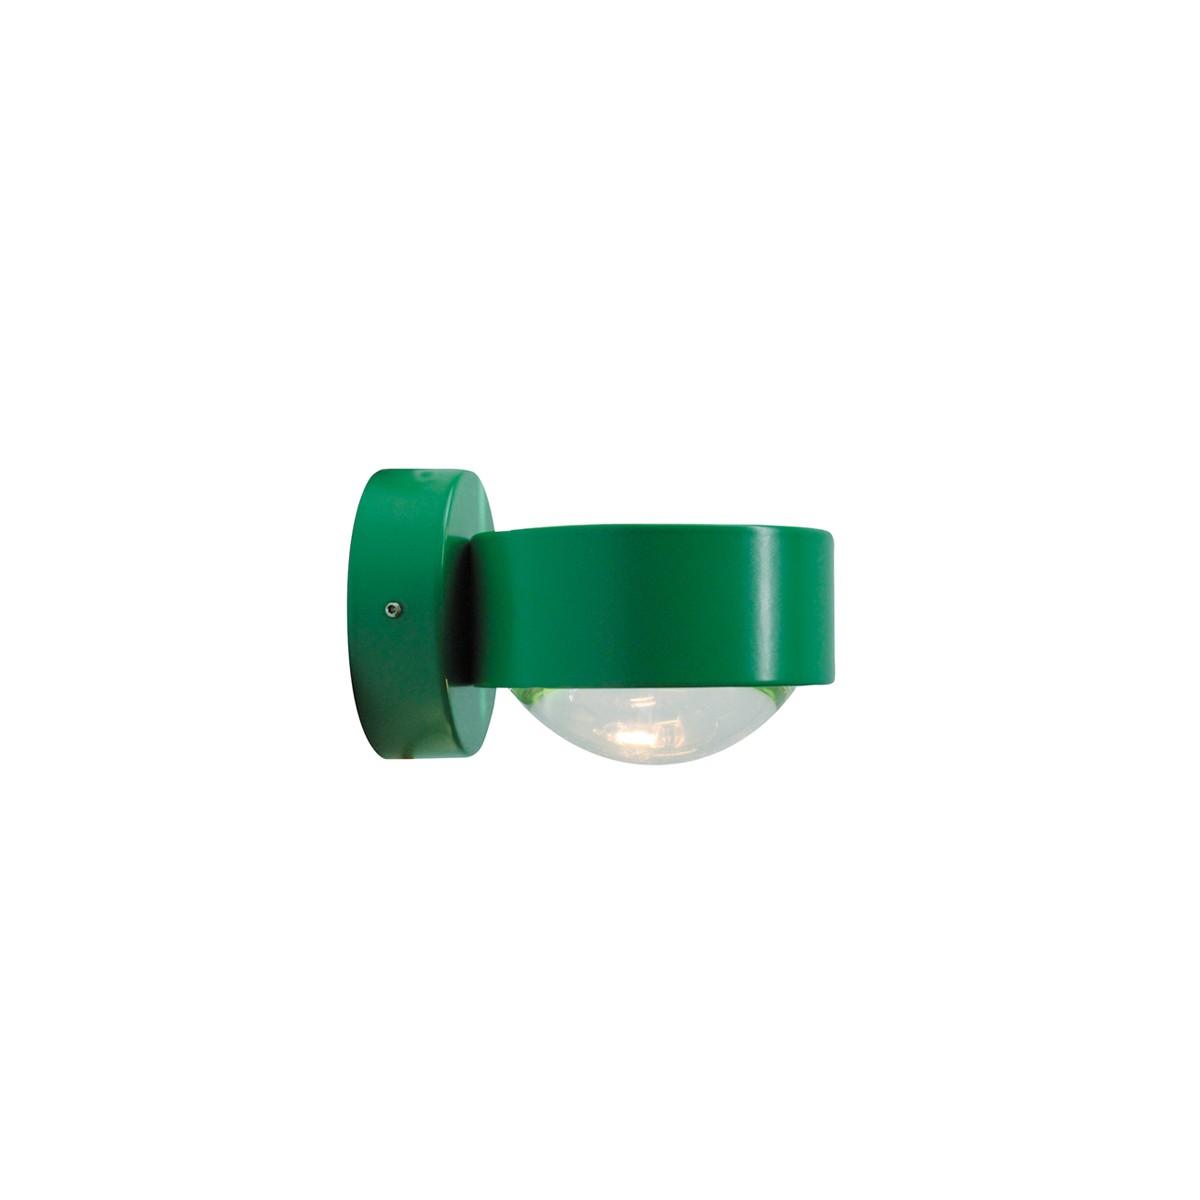 Top Light Puk Wall Wandleuchte, grün